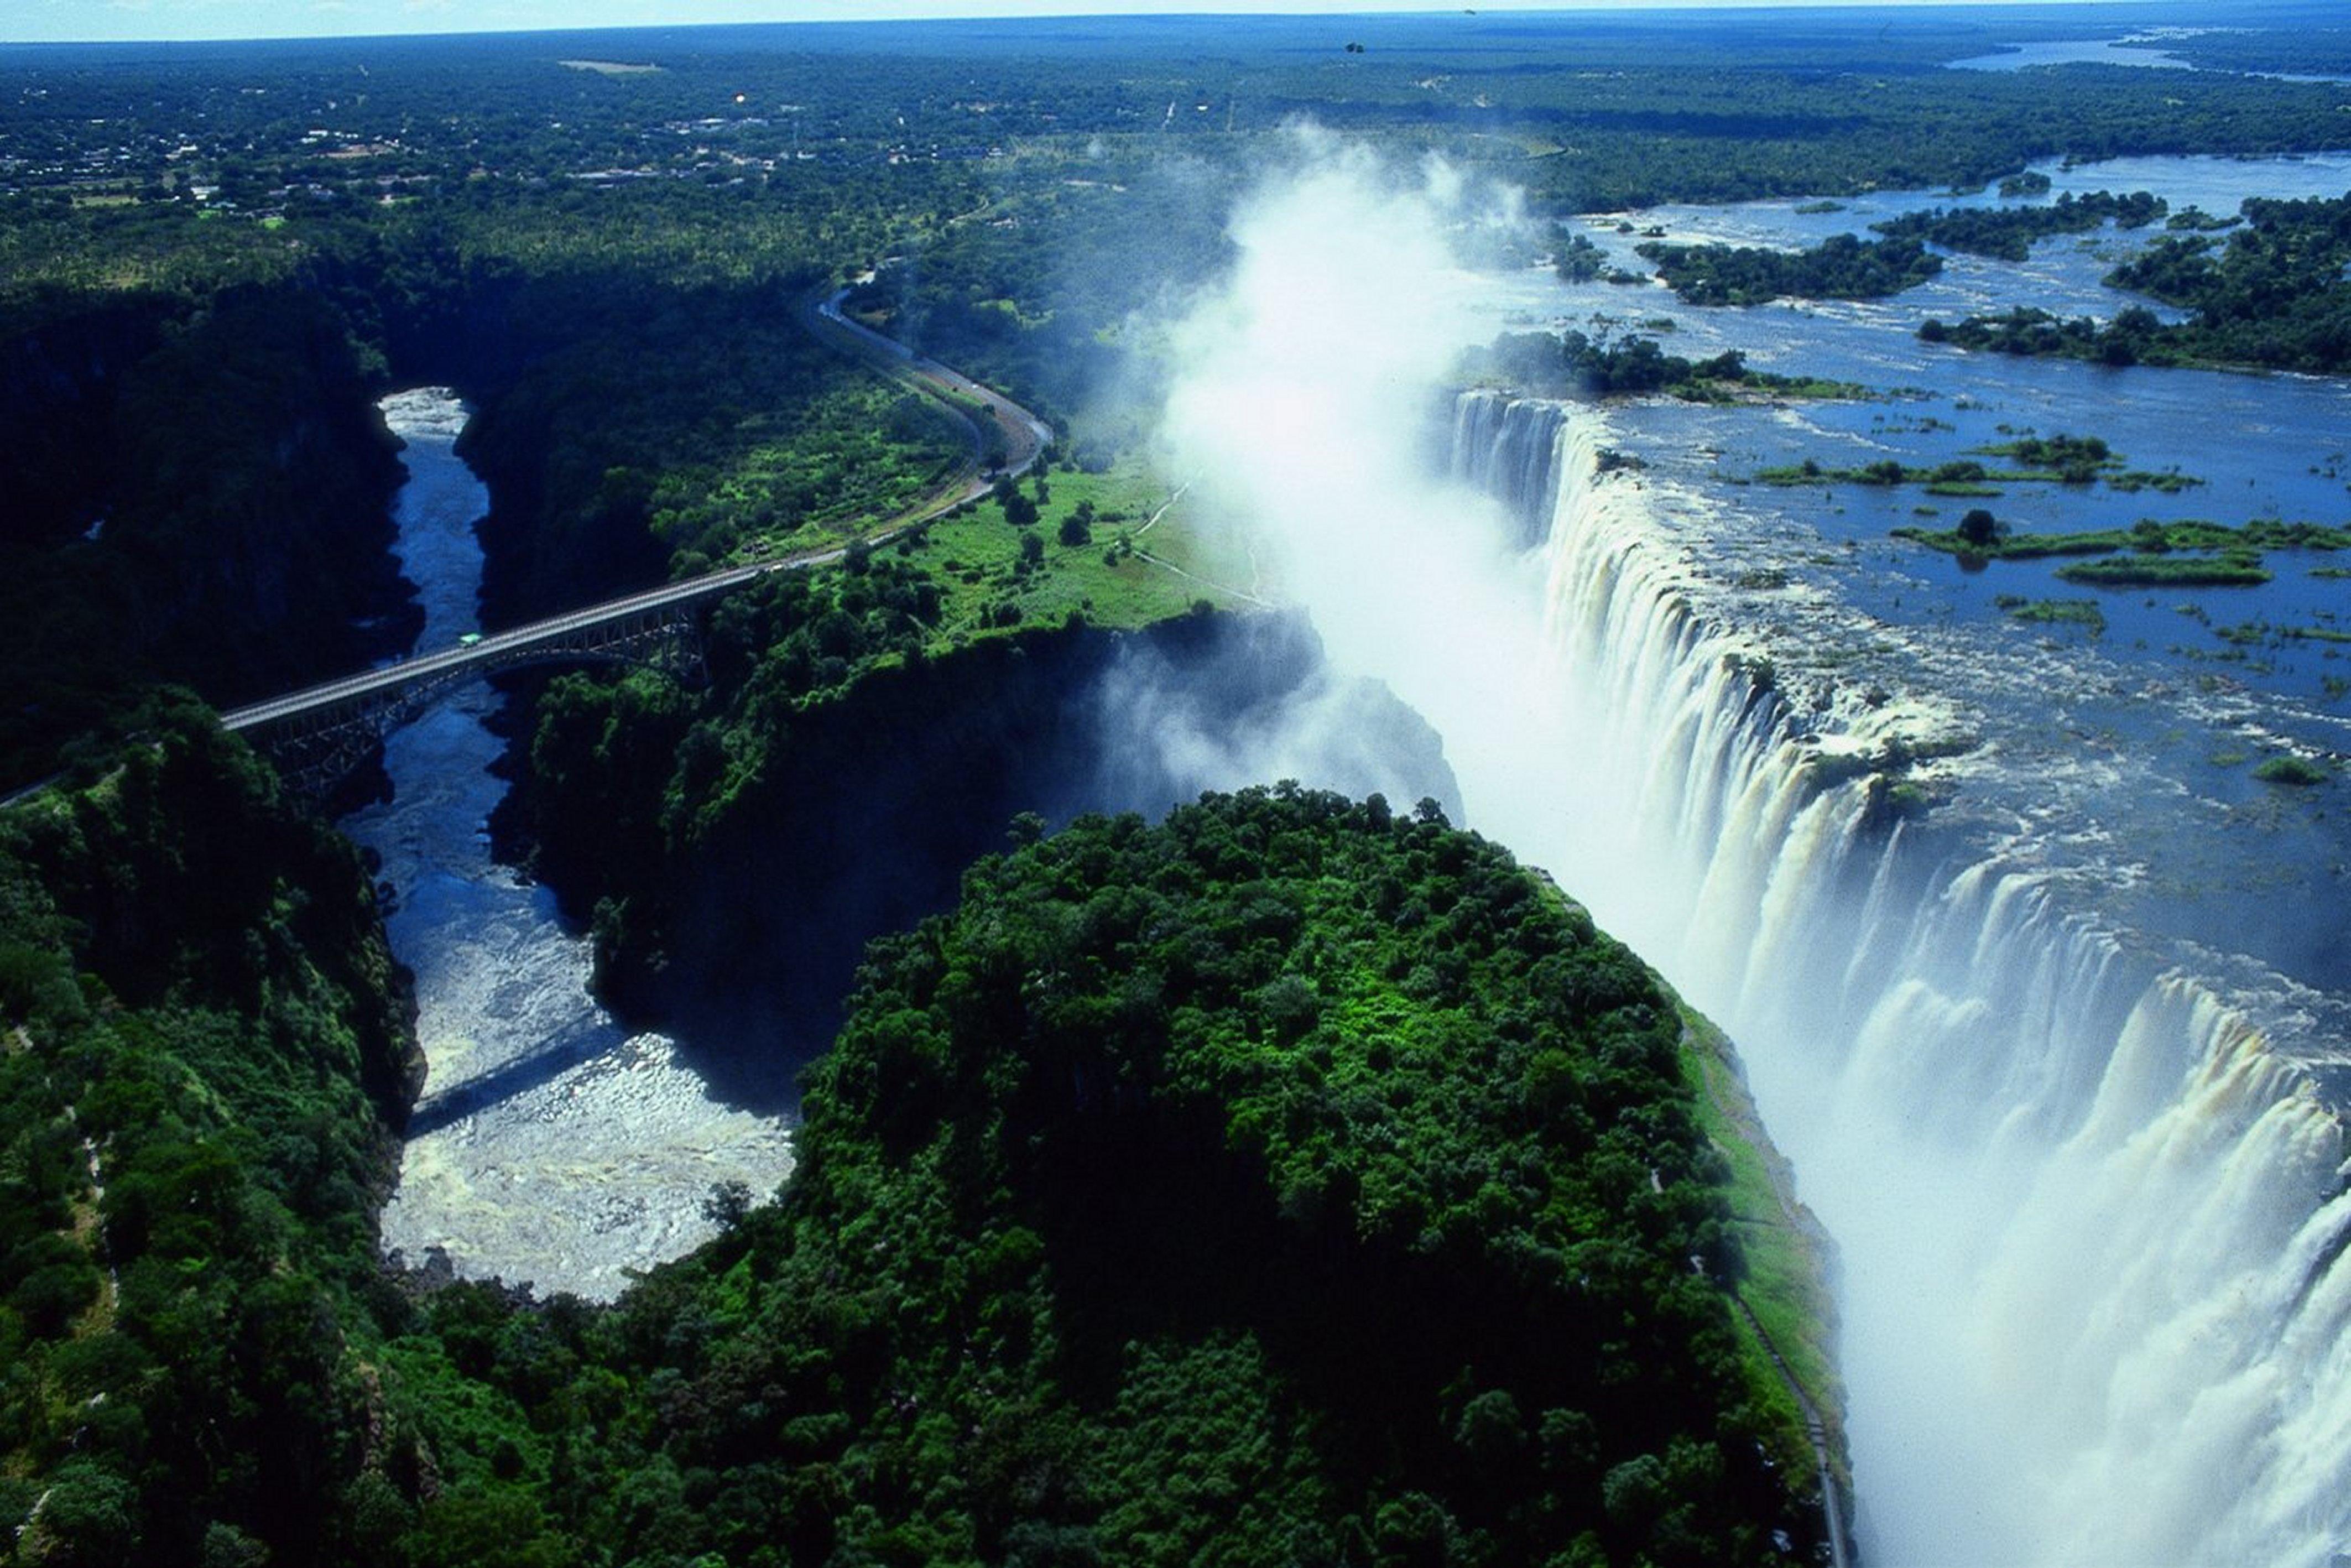 Victoria Falls Zambia And Zimbabwe Wallpaper 4251 X 4251x2835